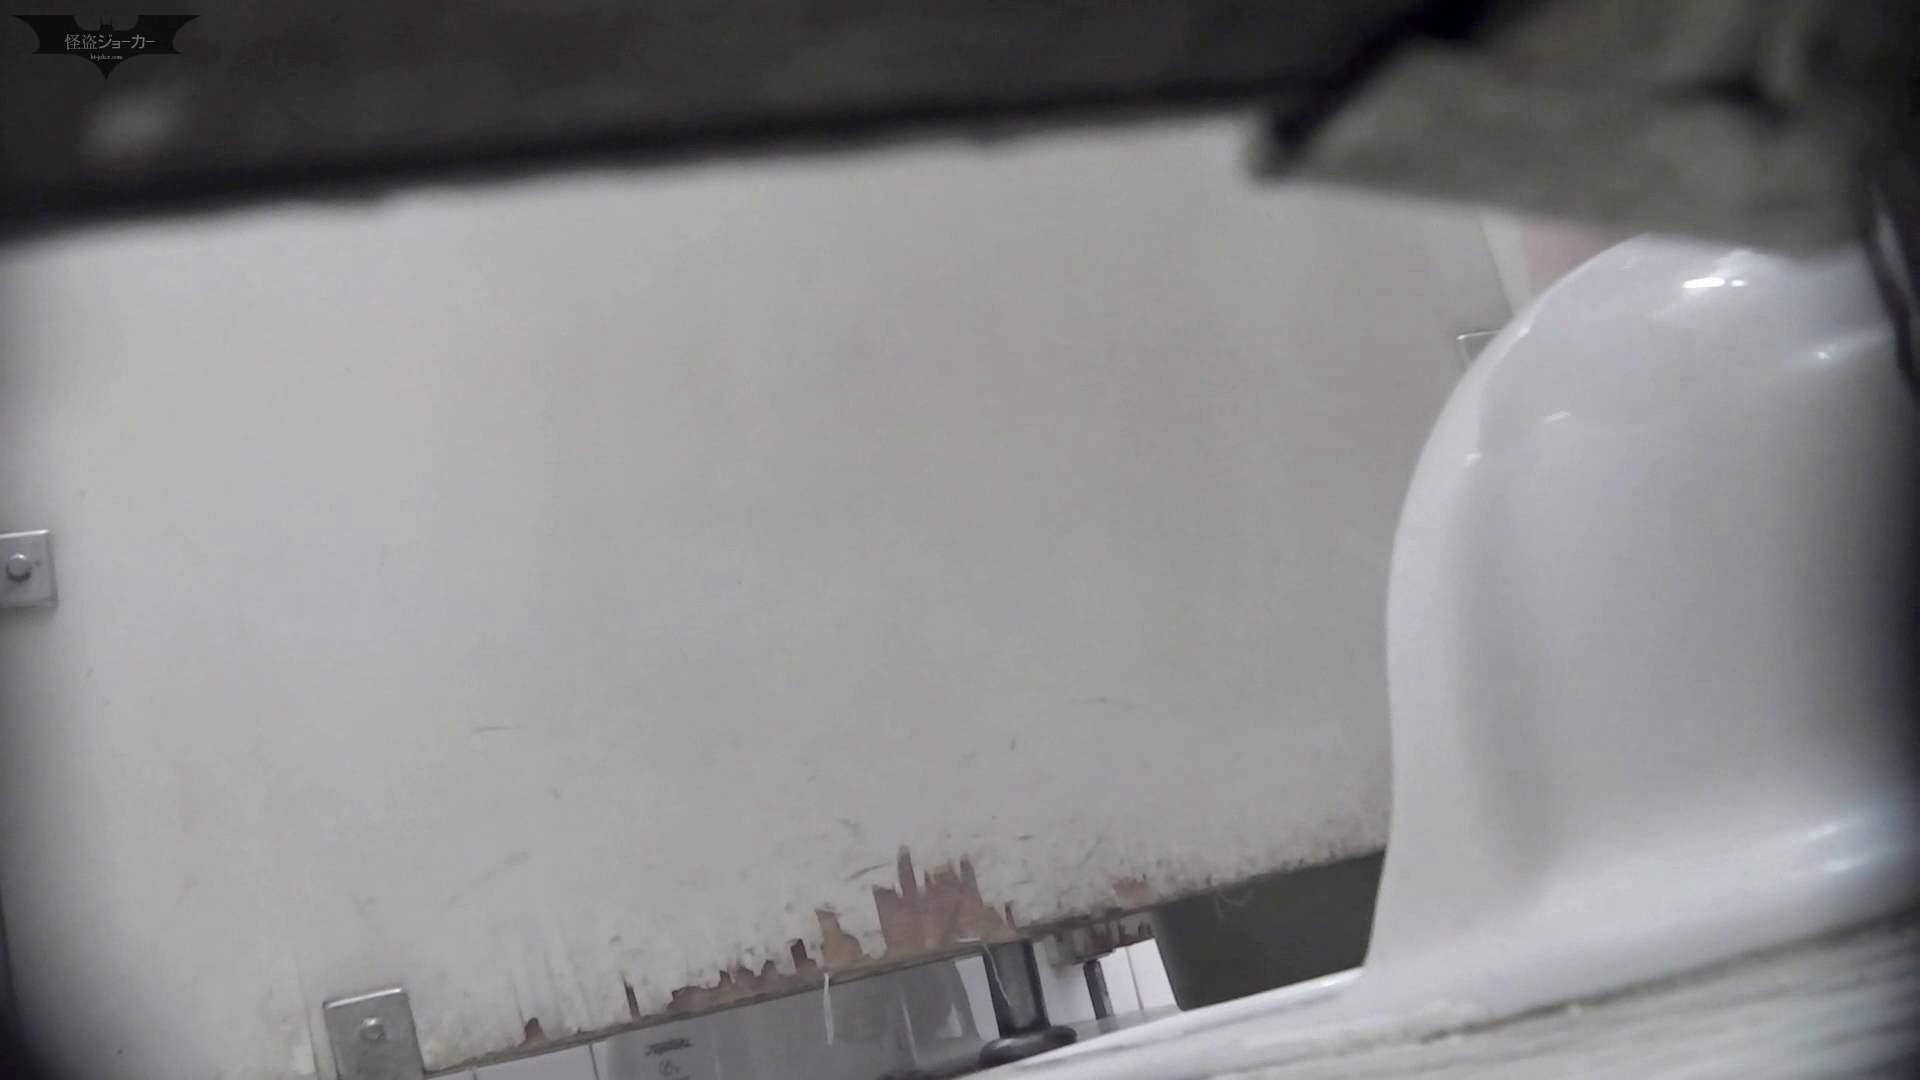 洗面所特攻隊 vol.66 珍事件発生!! 「指」で出【2015・05位】 洗面所 | 色っぽいOL達  91pic 15